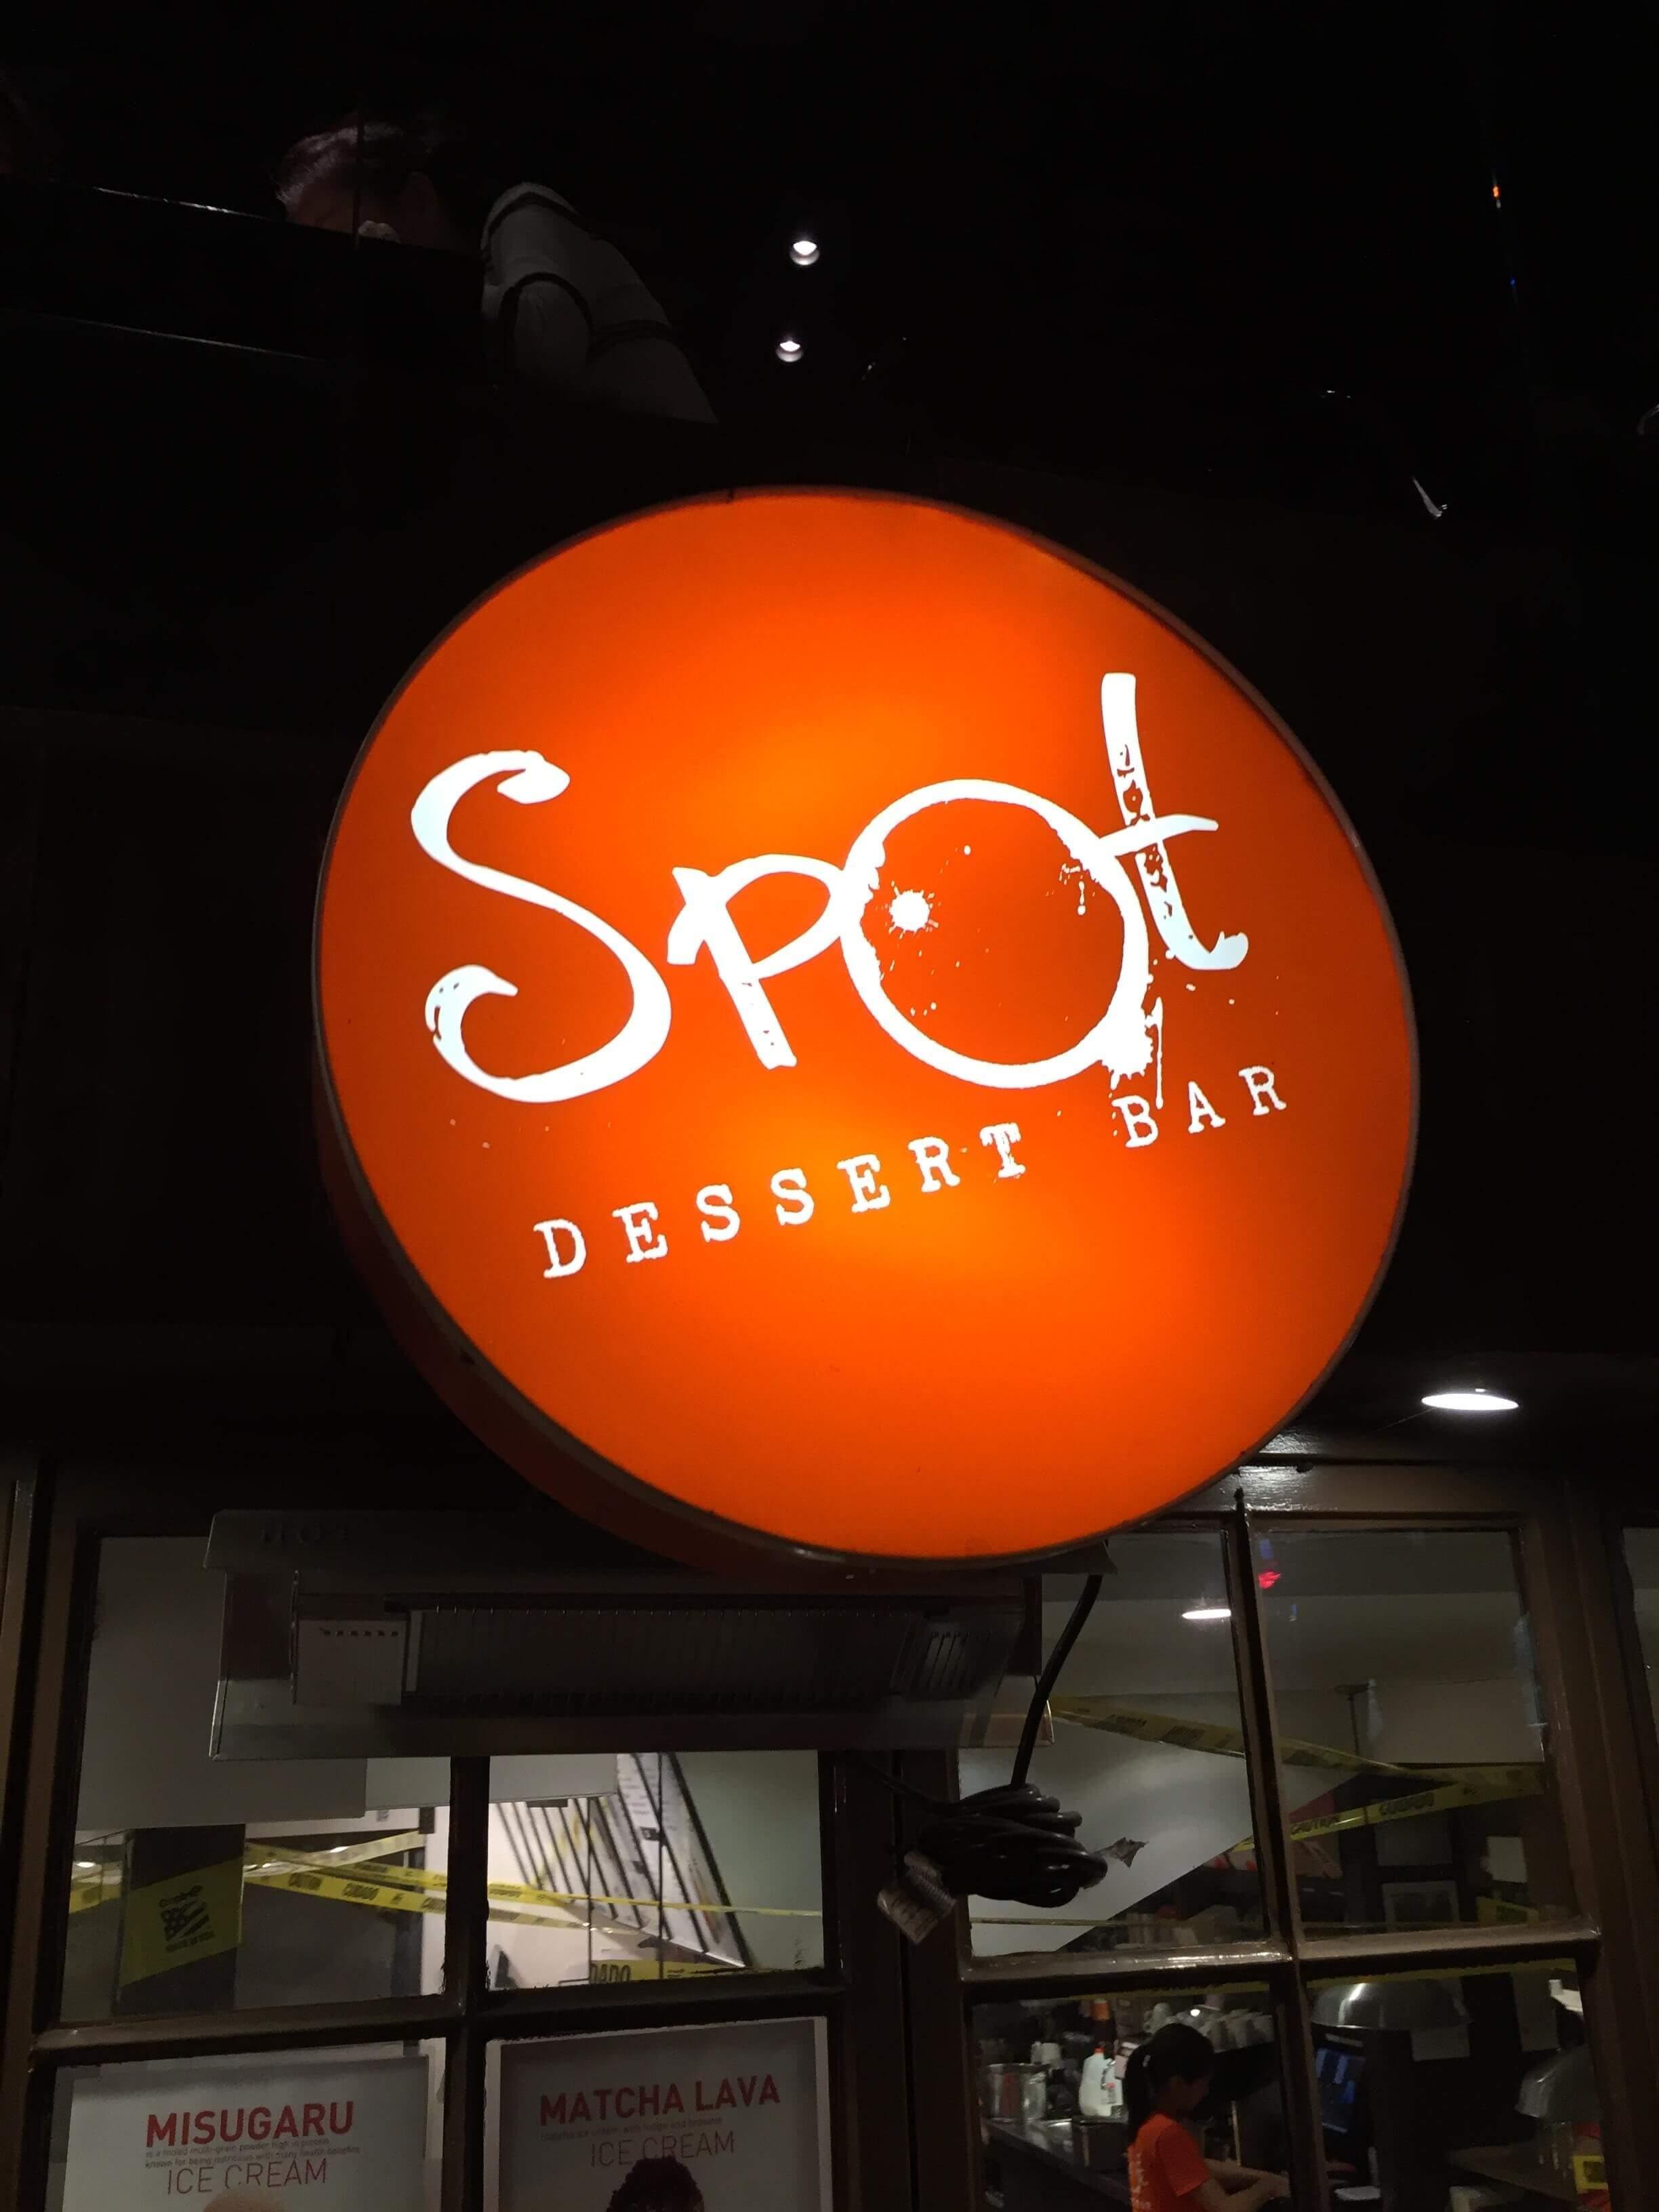 outside sign of spot dessert bar in new york